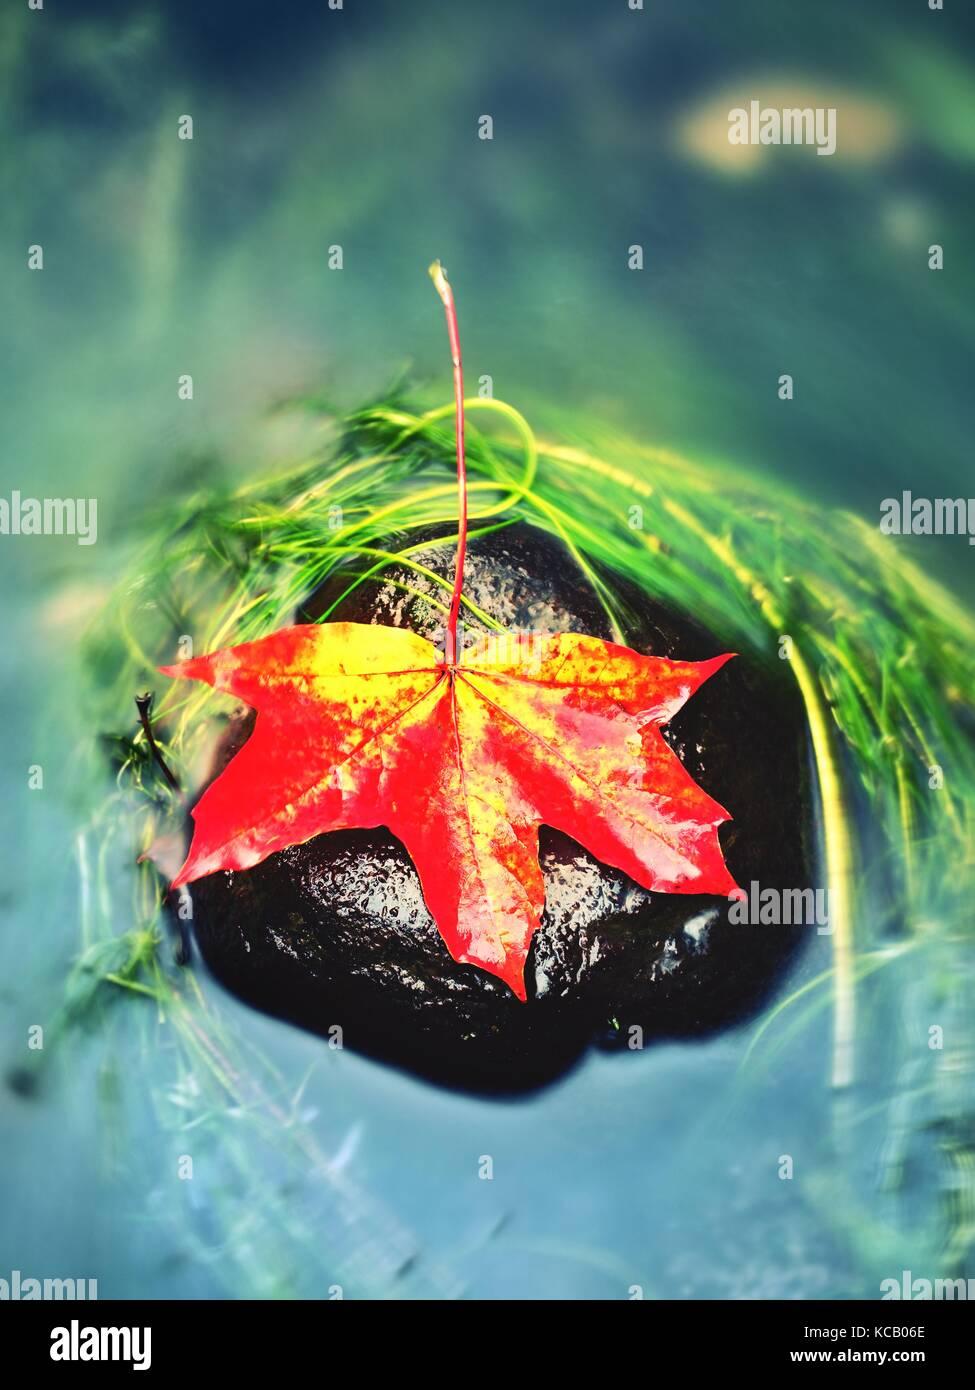 Atrapados amarillo anaranjado maple leaf en largas algas verdes piedra. colorido símbolo de comming otoño. Imagen De Stock